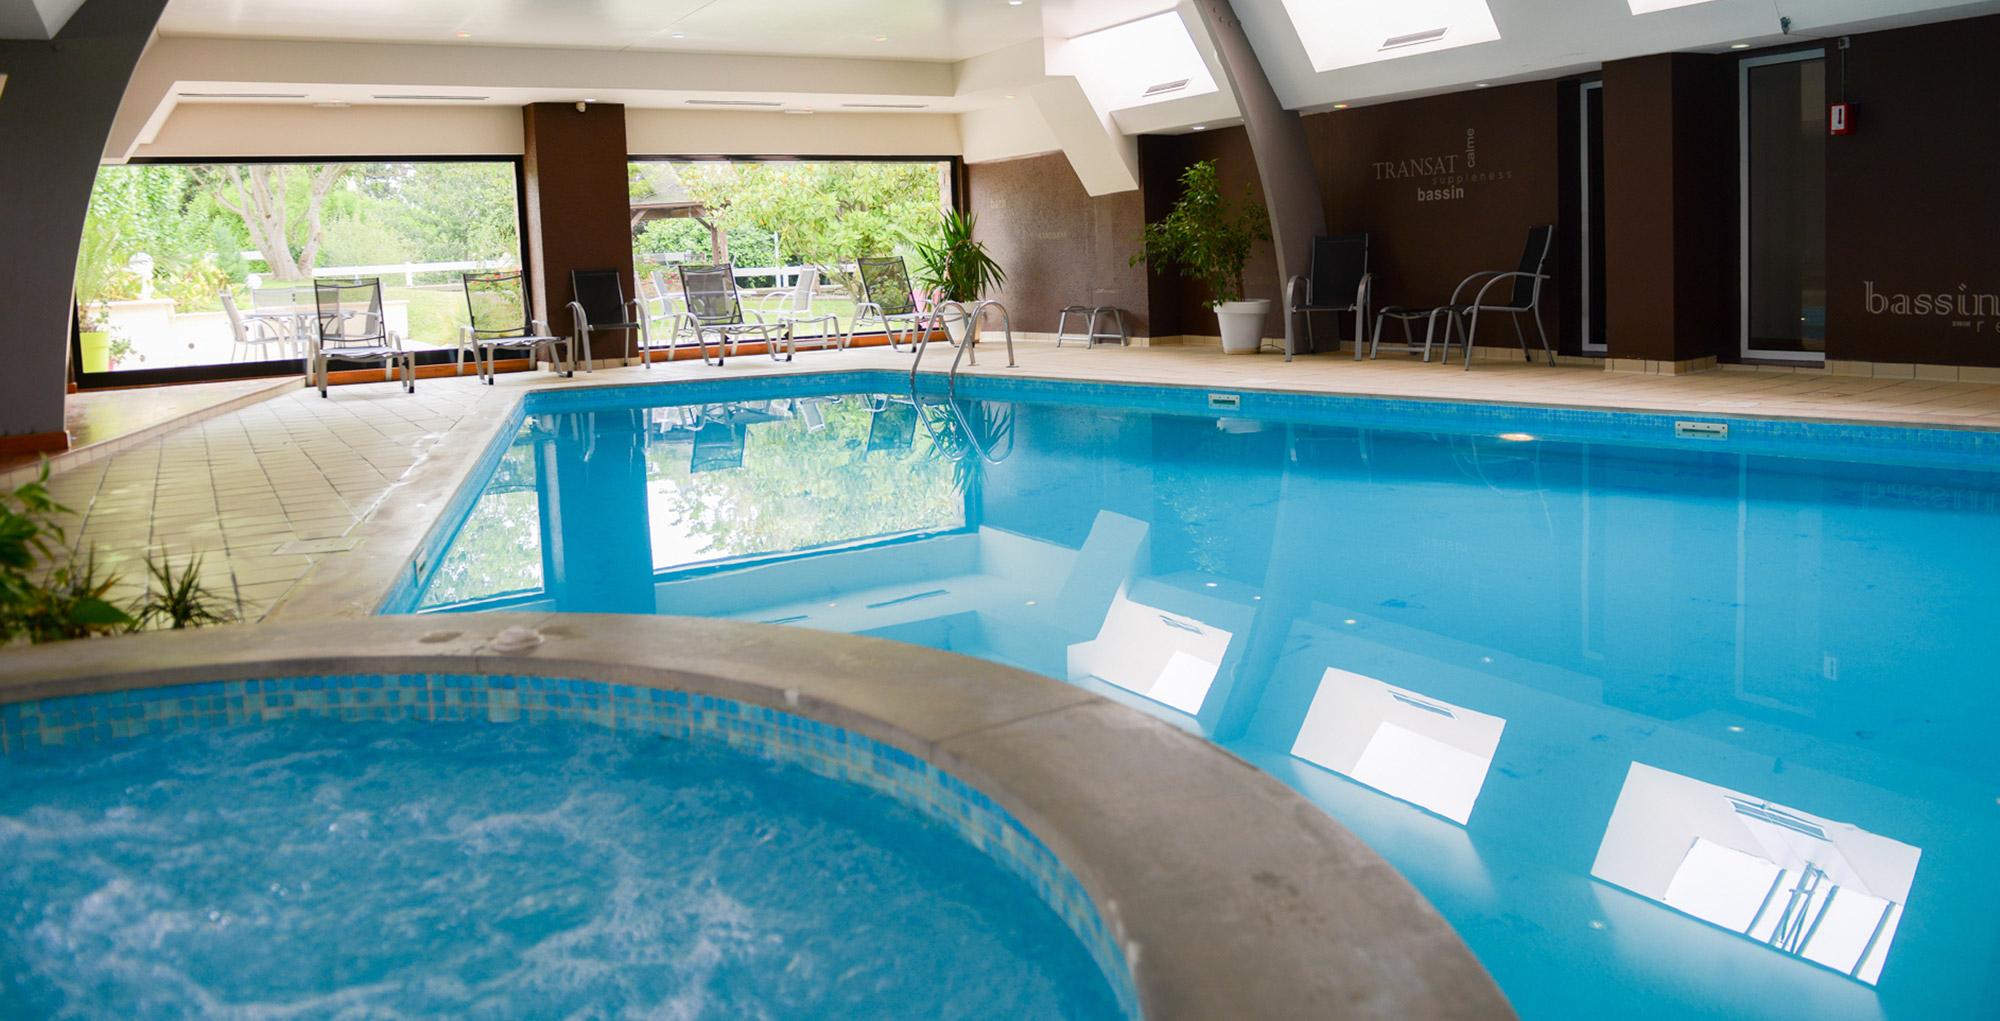 Les 5 Meilleurs Hôtels Avec Piscine Intérieure - Les ... concernant Hotel Avec Piscine Paris